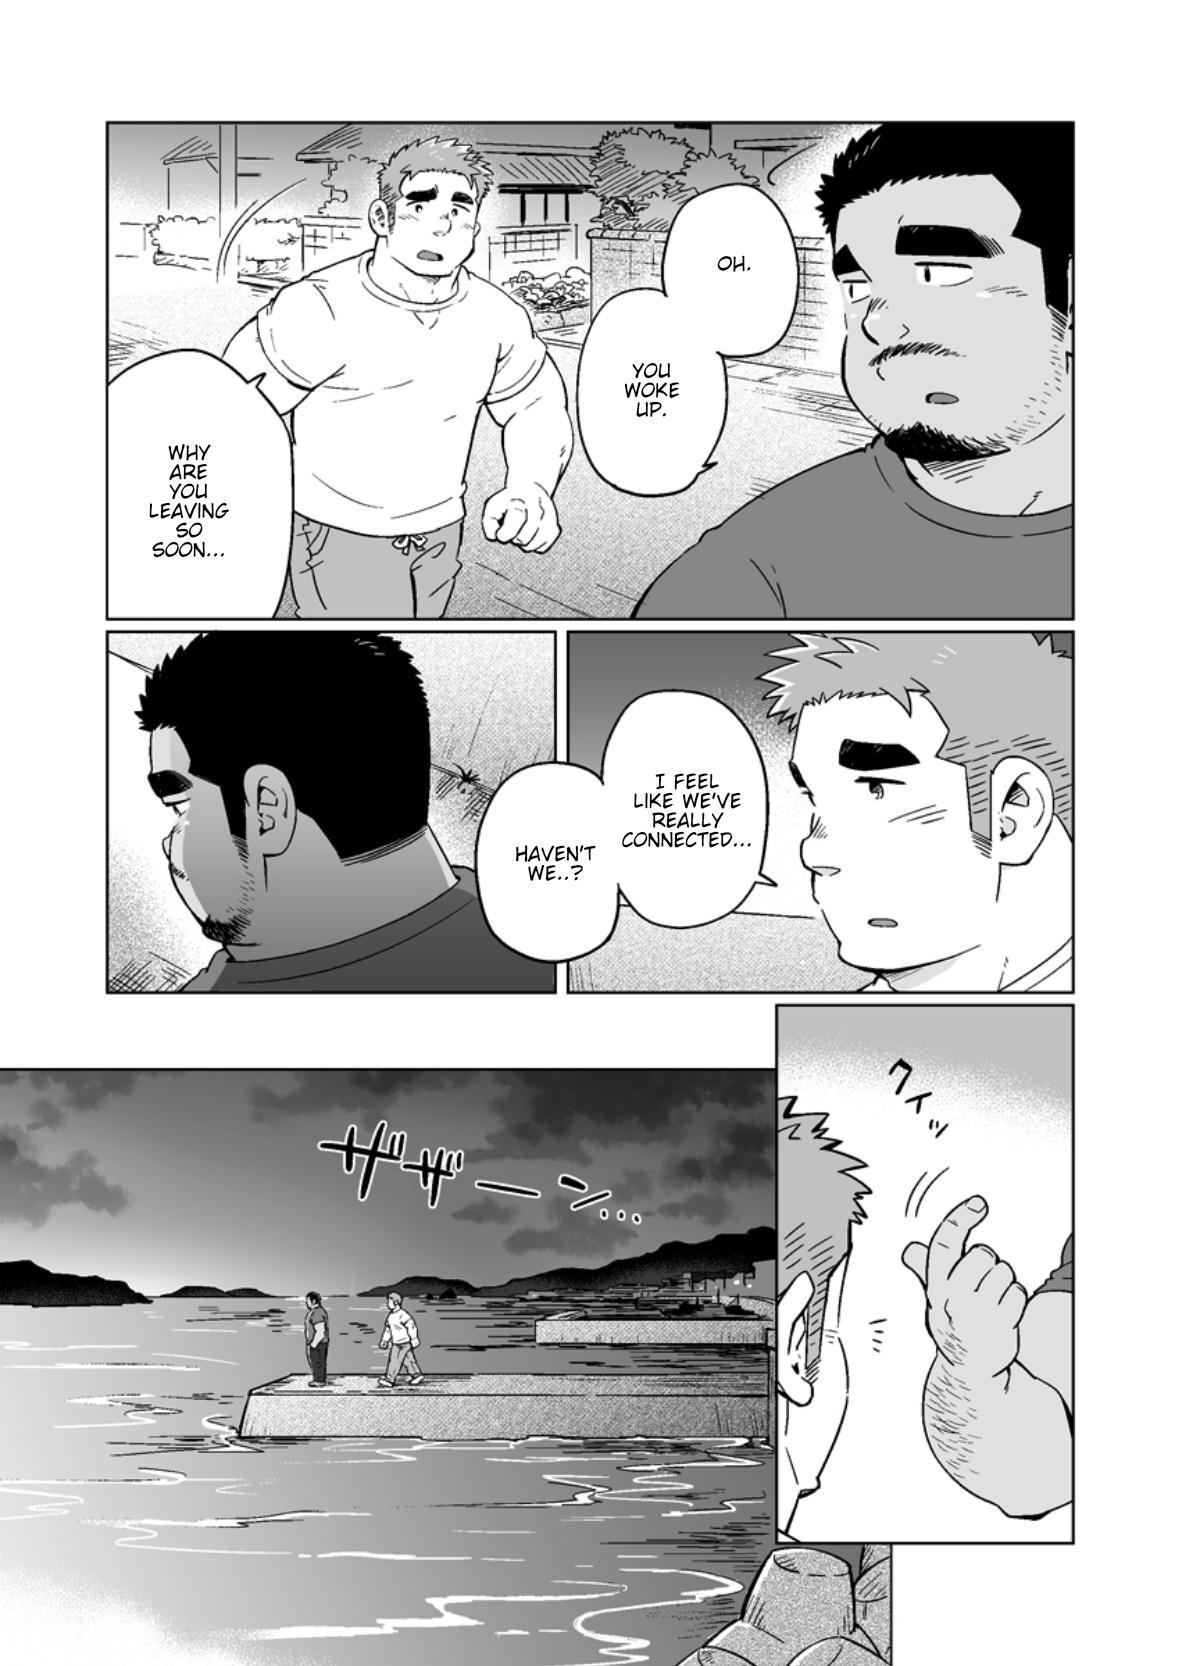 City Boy to Seto no Shima 3 32